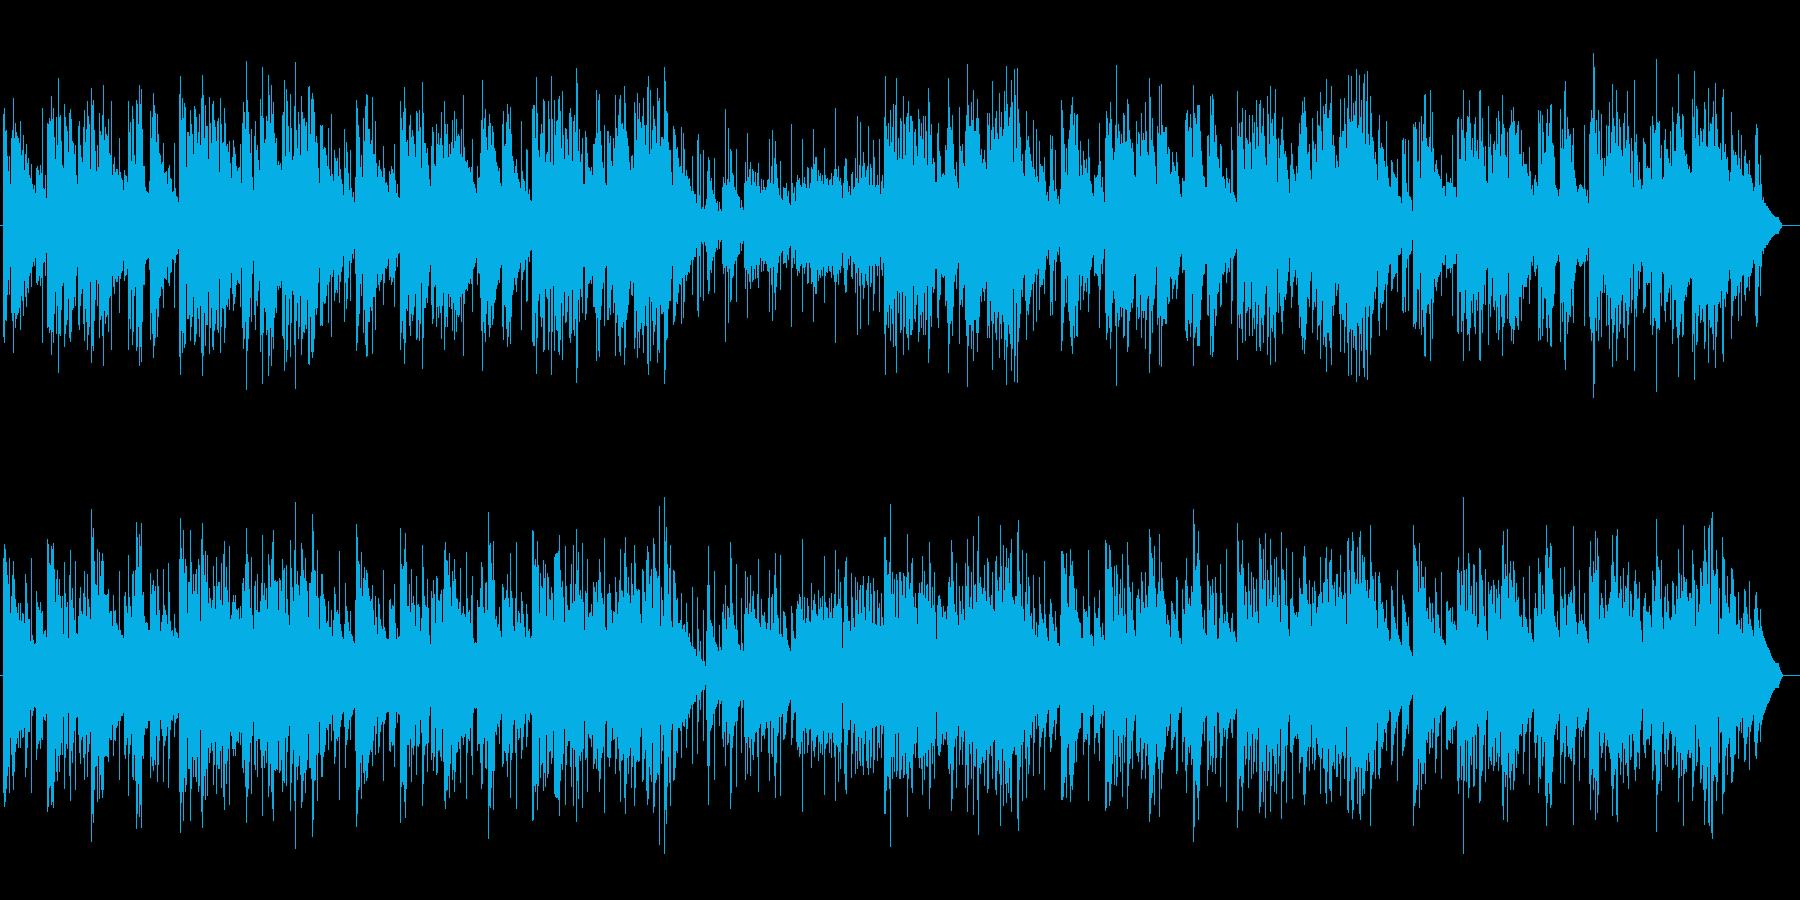 ヴァイブとエレピのラウンジジャズ70'sの再生済みの波形